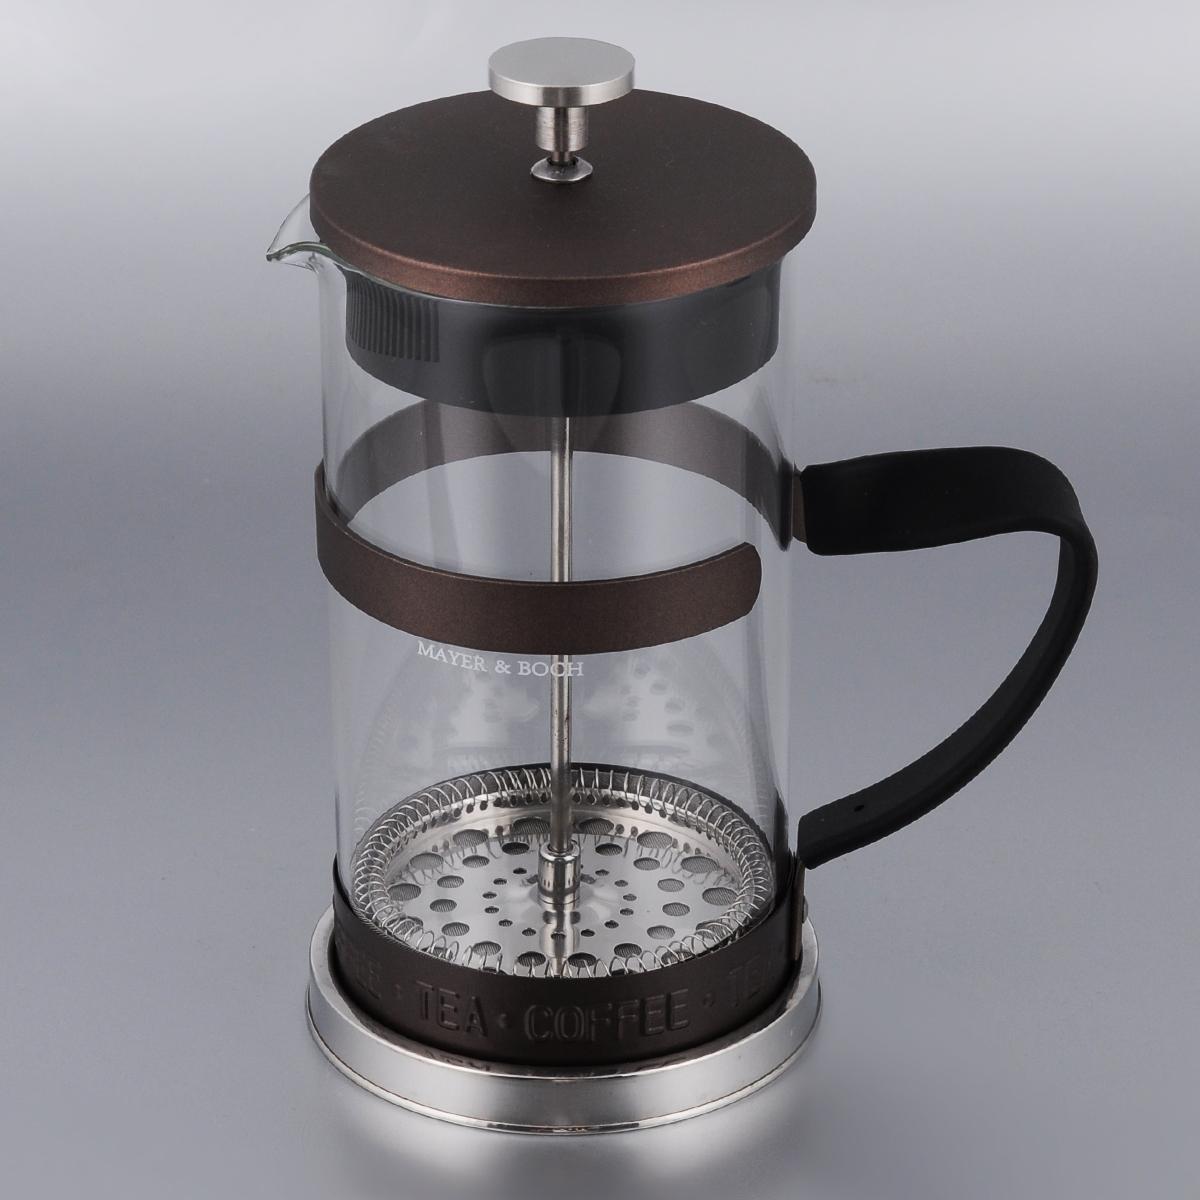 Френч-пресс Mayer & Boch, цвет: прозрачный, коричневый, 1 л24915_коричневыйФренч-пресс Mayer & Boch изготовлен из высококачественной нержавеющей стали и жаропрочного стекла. Фильтр-поршень оснащен ситечком для обеспечения равномерной циркуляции воды. Засыпая чайную заварку или кофе под фильтр, заливая горячей водой, вы получаете ароматный напиток с оптимальной крепостью и насыщенностью. Остановить процесс заваривания легко, для этого нужно просто опустить поршень, и все уйдет вниз, оставляя вверху напиток, готовый к употреблению. Изделие оснащено эргономичной прорезиненной ручкой, она обеспечит безопасный и удобный хват. Такой френч-пресс позволит быстро и просто приготовить свежий и ароматный кофе или чай. Можно мыть в посудомоечной машине. Не использовать в микроволновой печи. Диаметр колбы (по верхнему краю): 9,5 см. Высота френч-пресса (без учета крышки): 18,5 см. Высота френч-пресса (с учетом крышки): 21,5 см. Объем френч-пресса: 1 л.